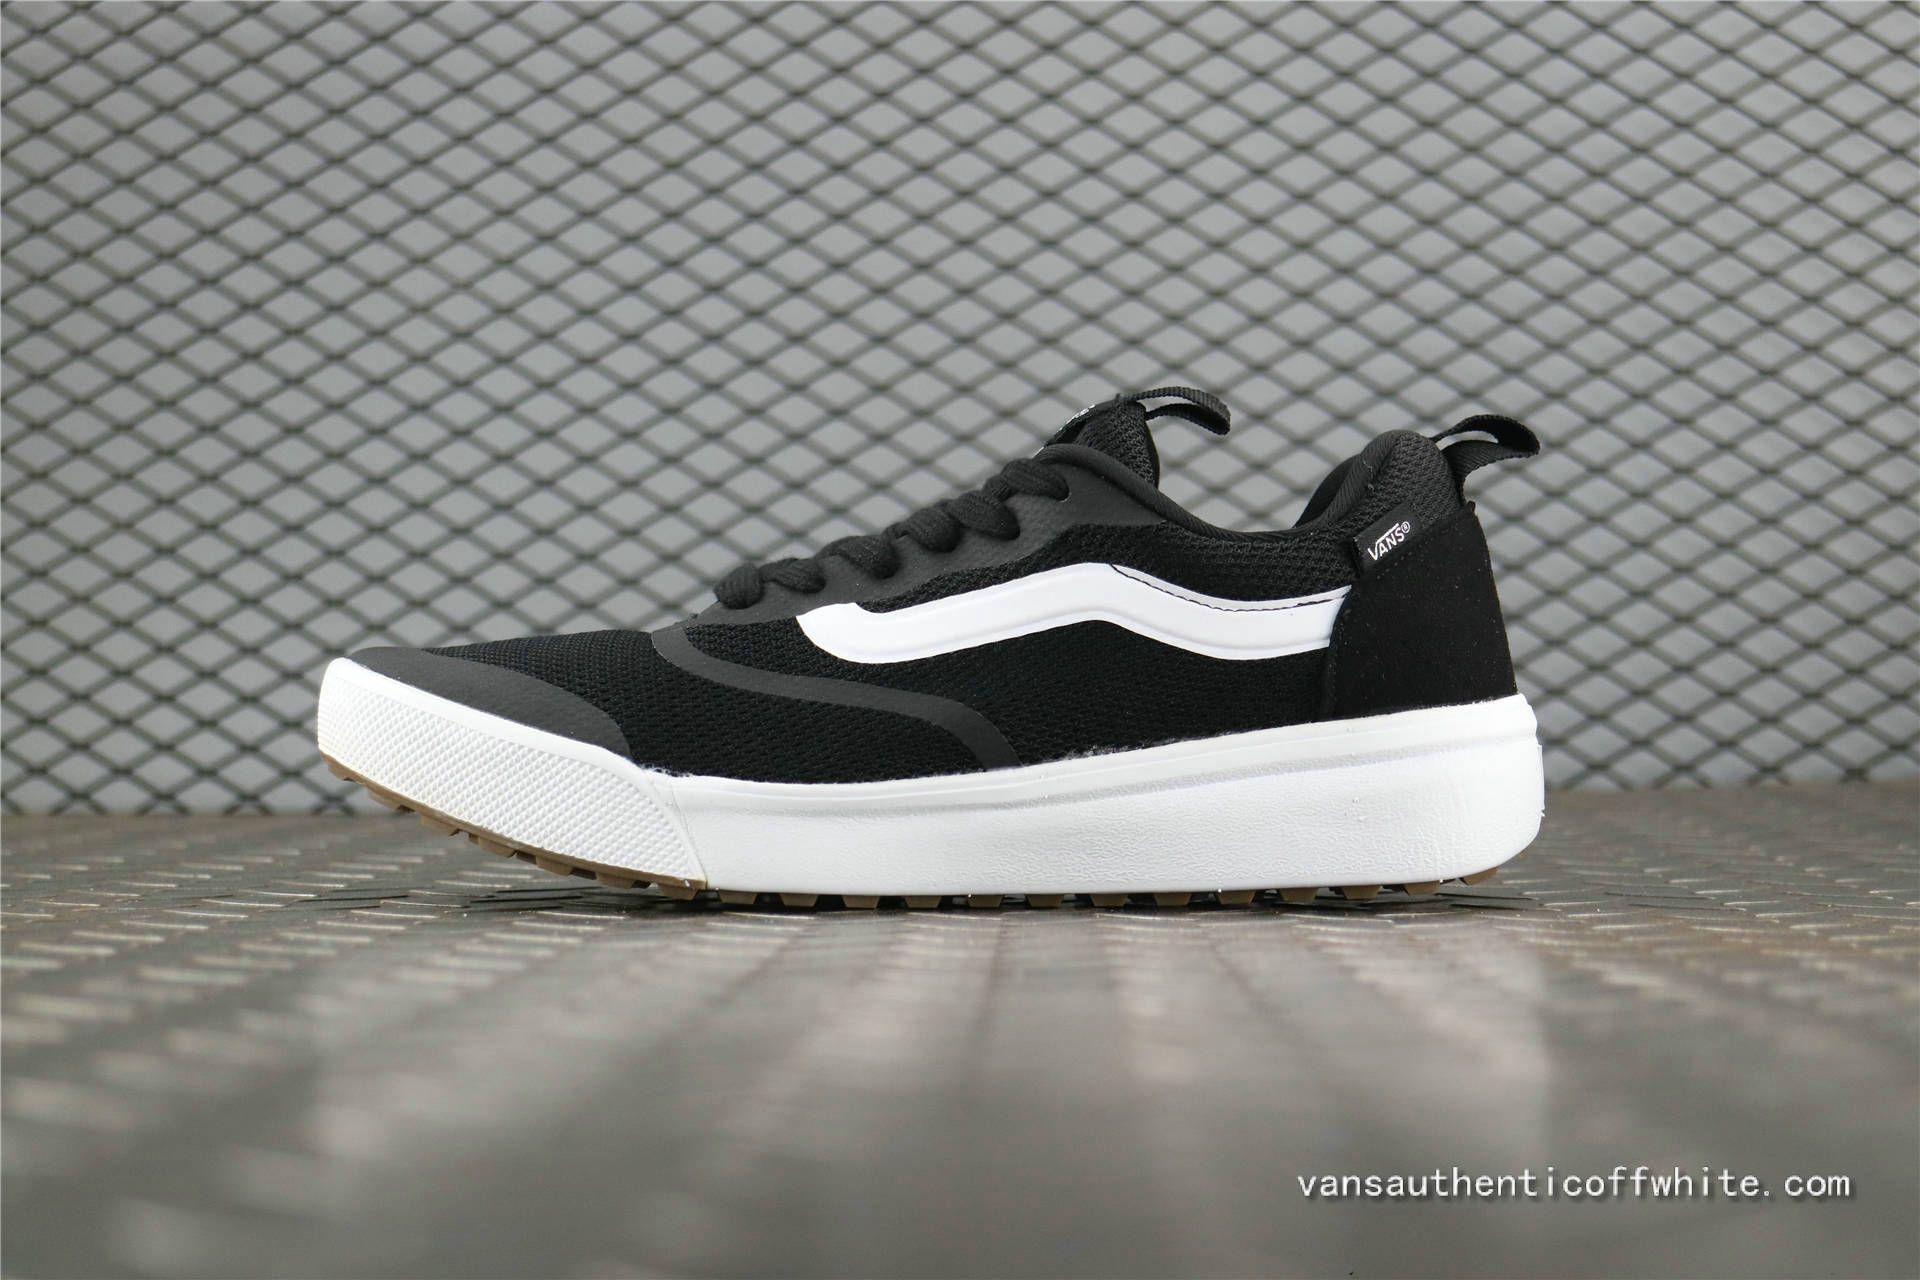 Vans Ultrarange Rapidweld Summer Black White VN0A3DOTY28 Running Shoe For  Sale 6a7def82e